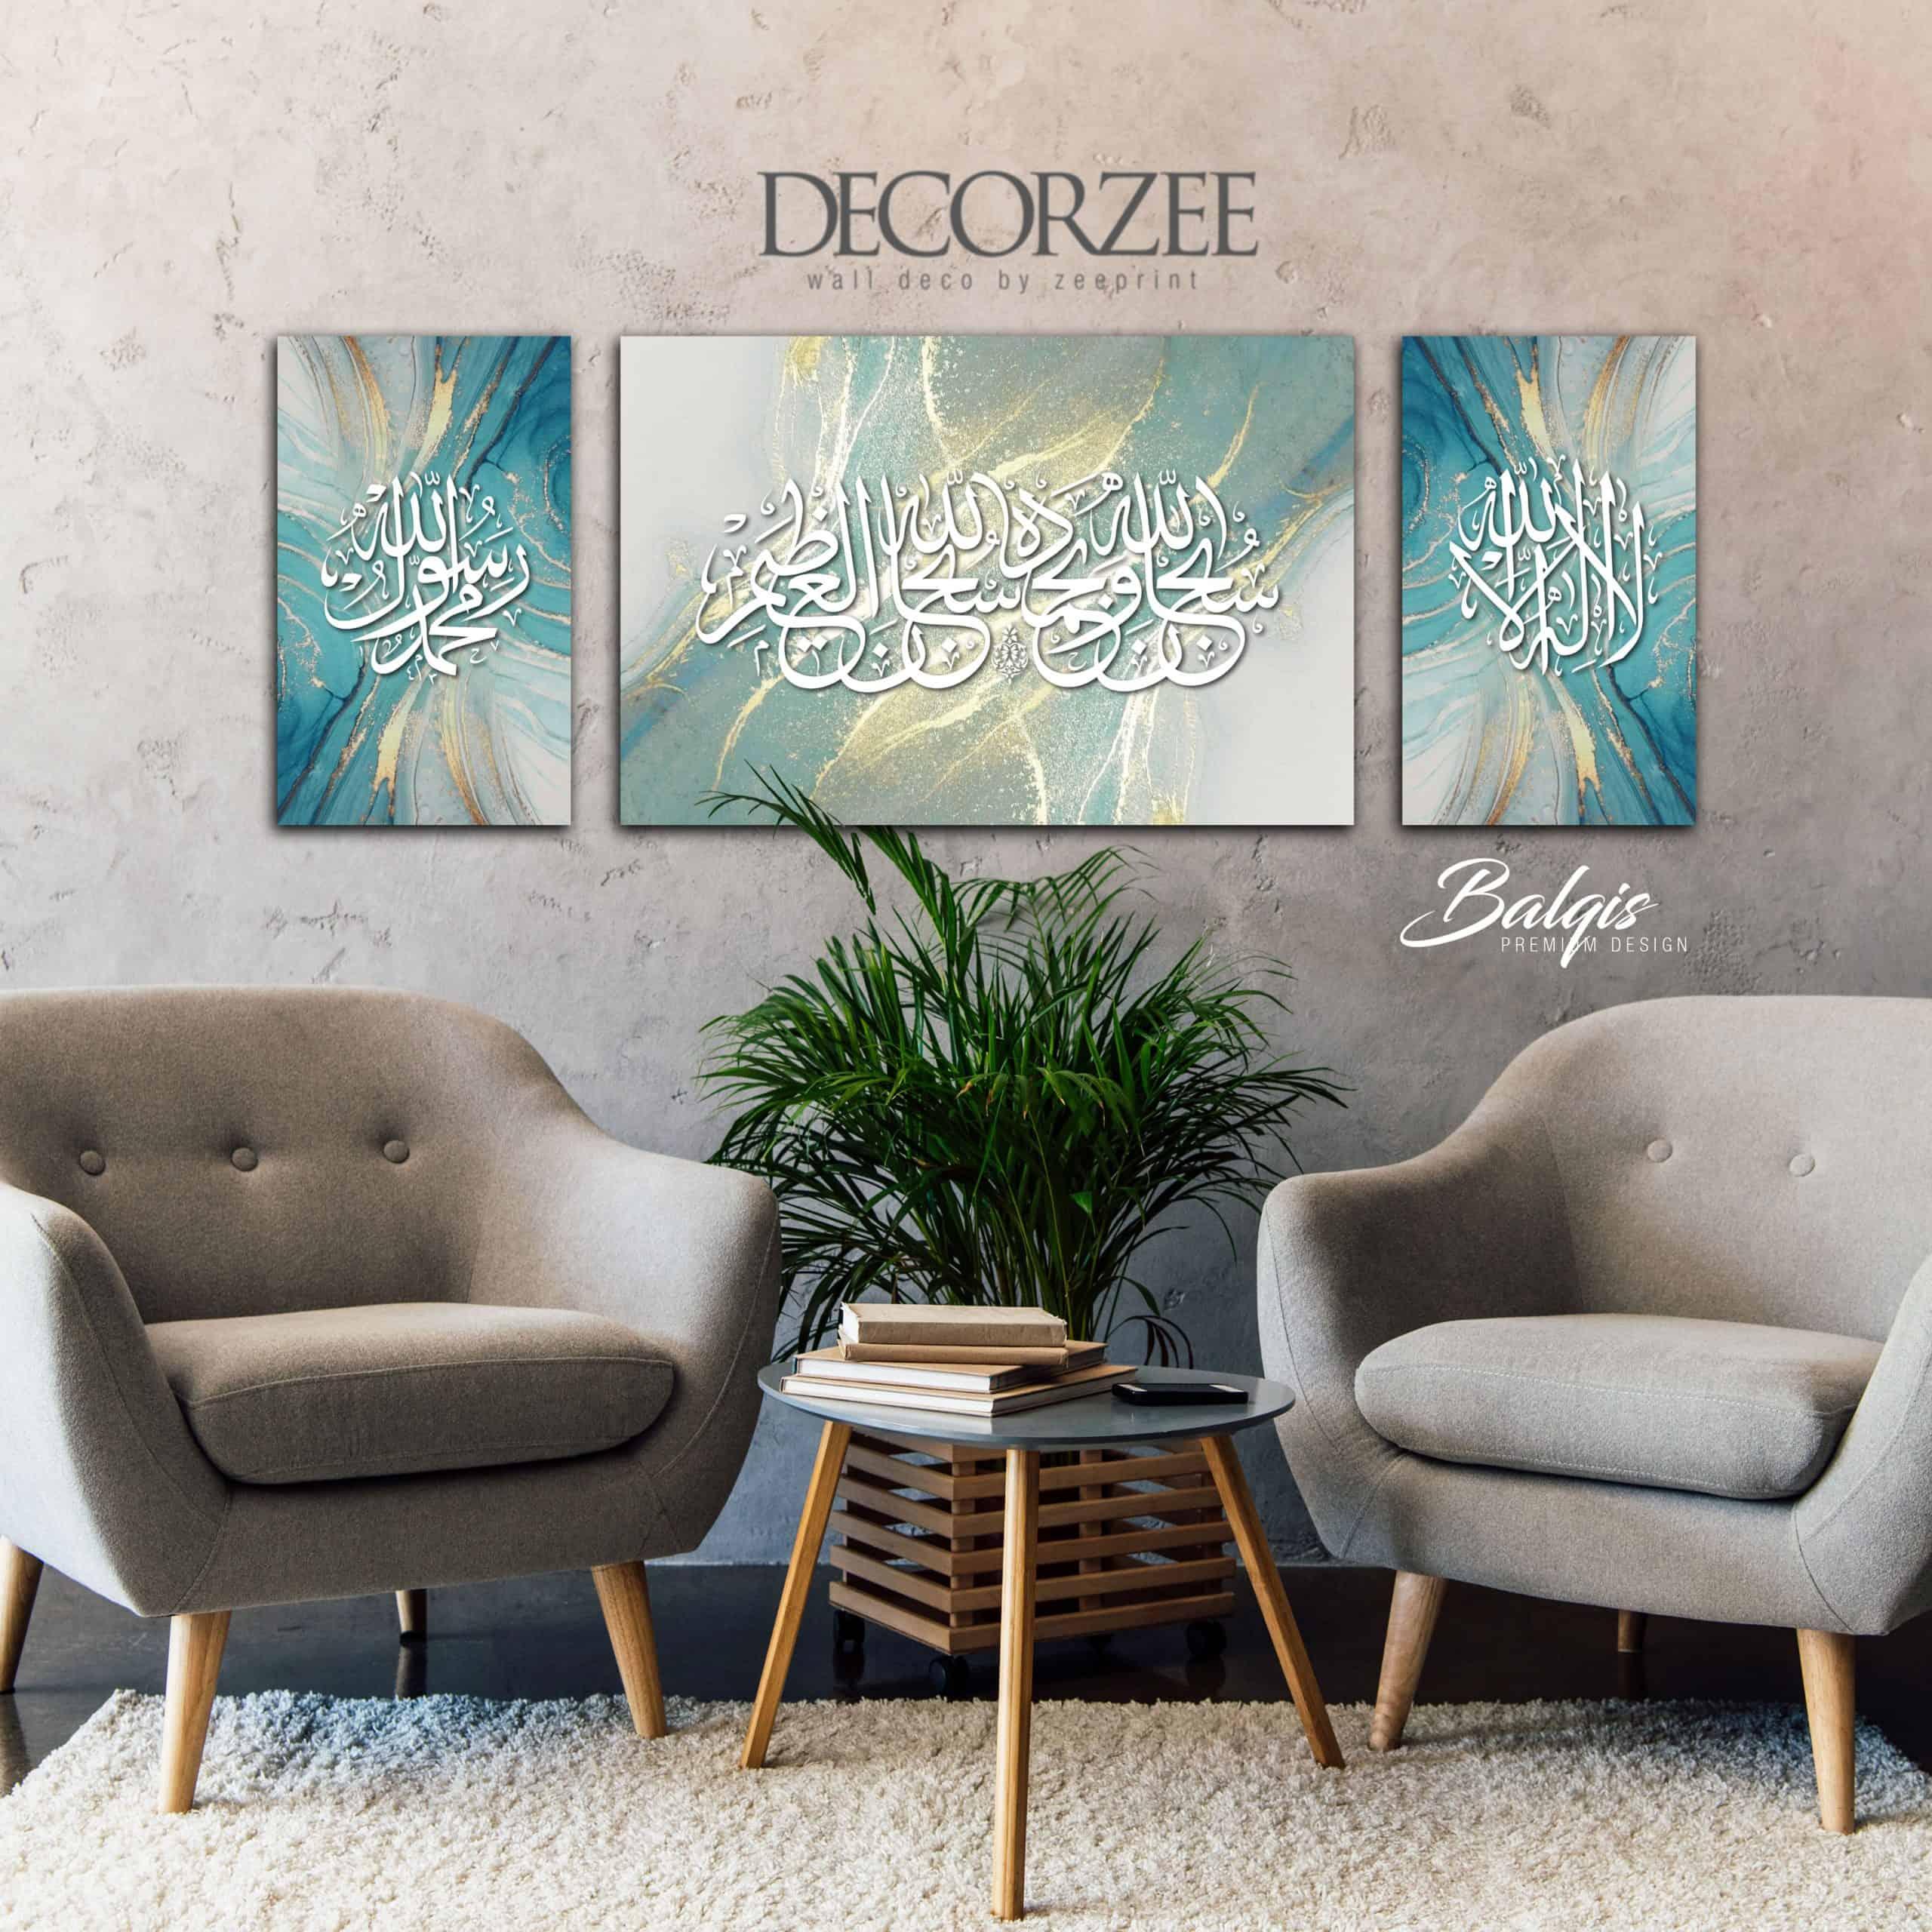 Design Balqis